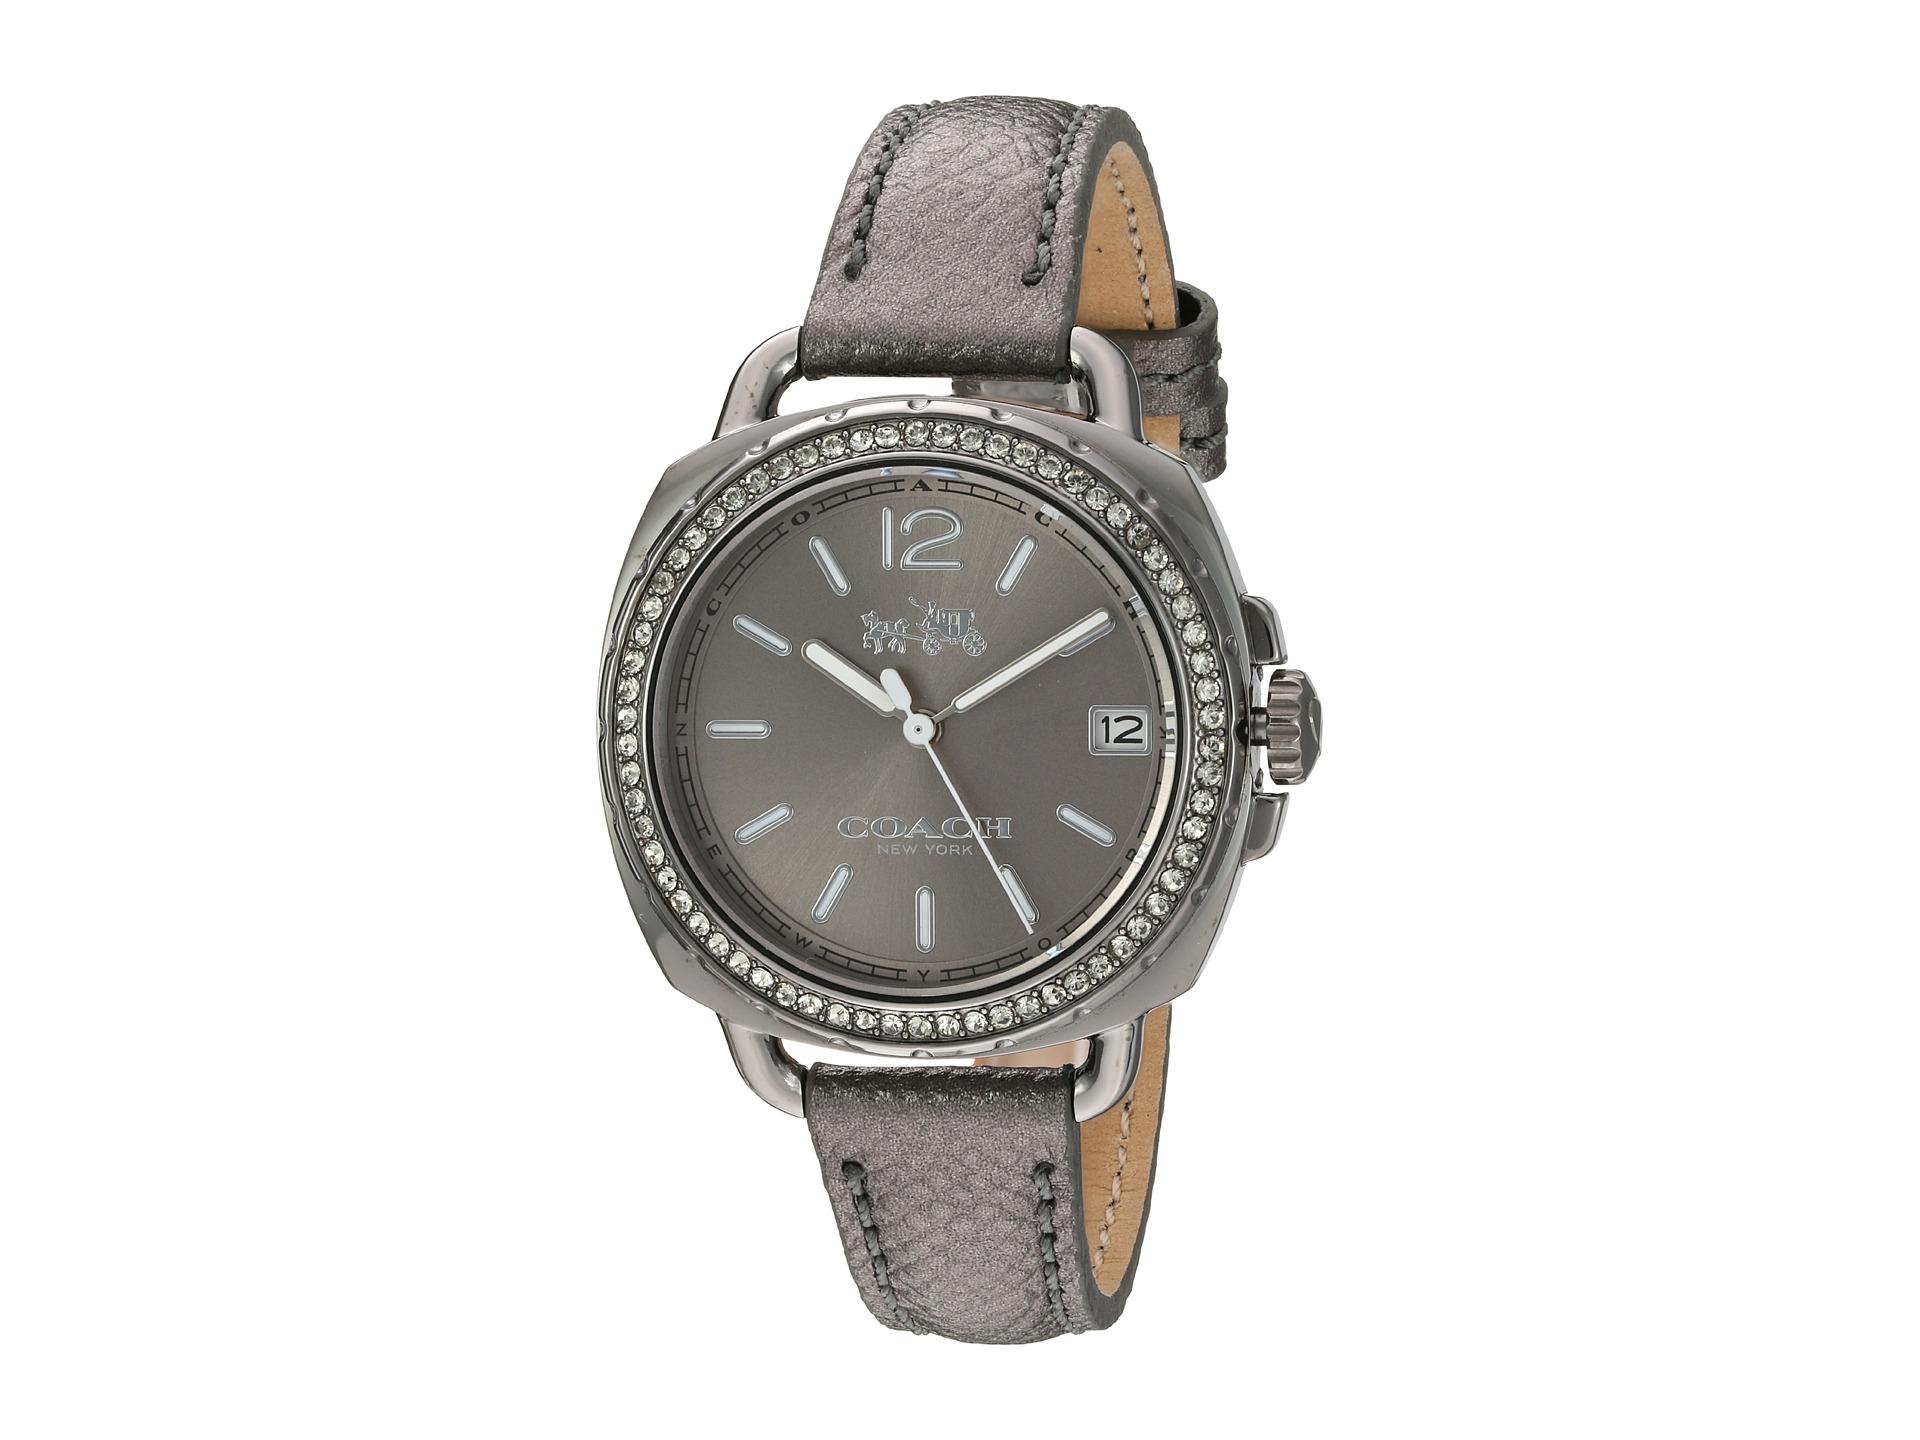 코치 테이텀 시계 그레이 COACH Tatum Watch 34mm Leather Grey